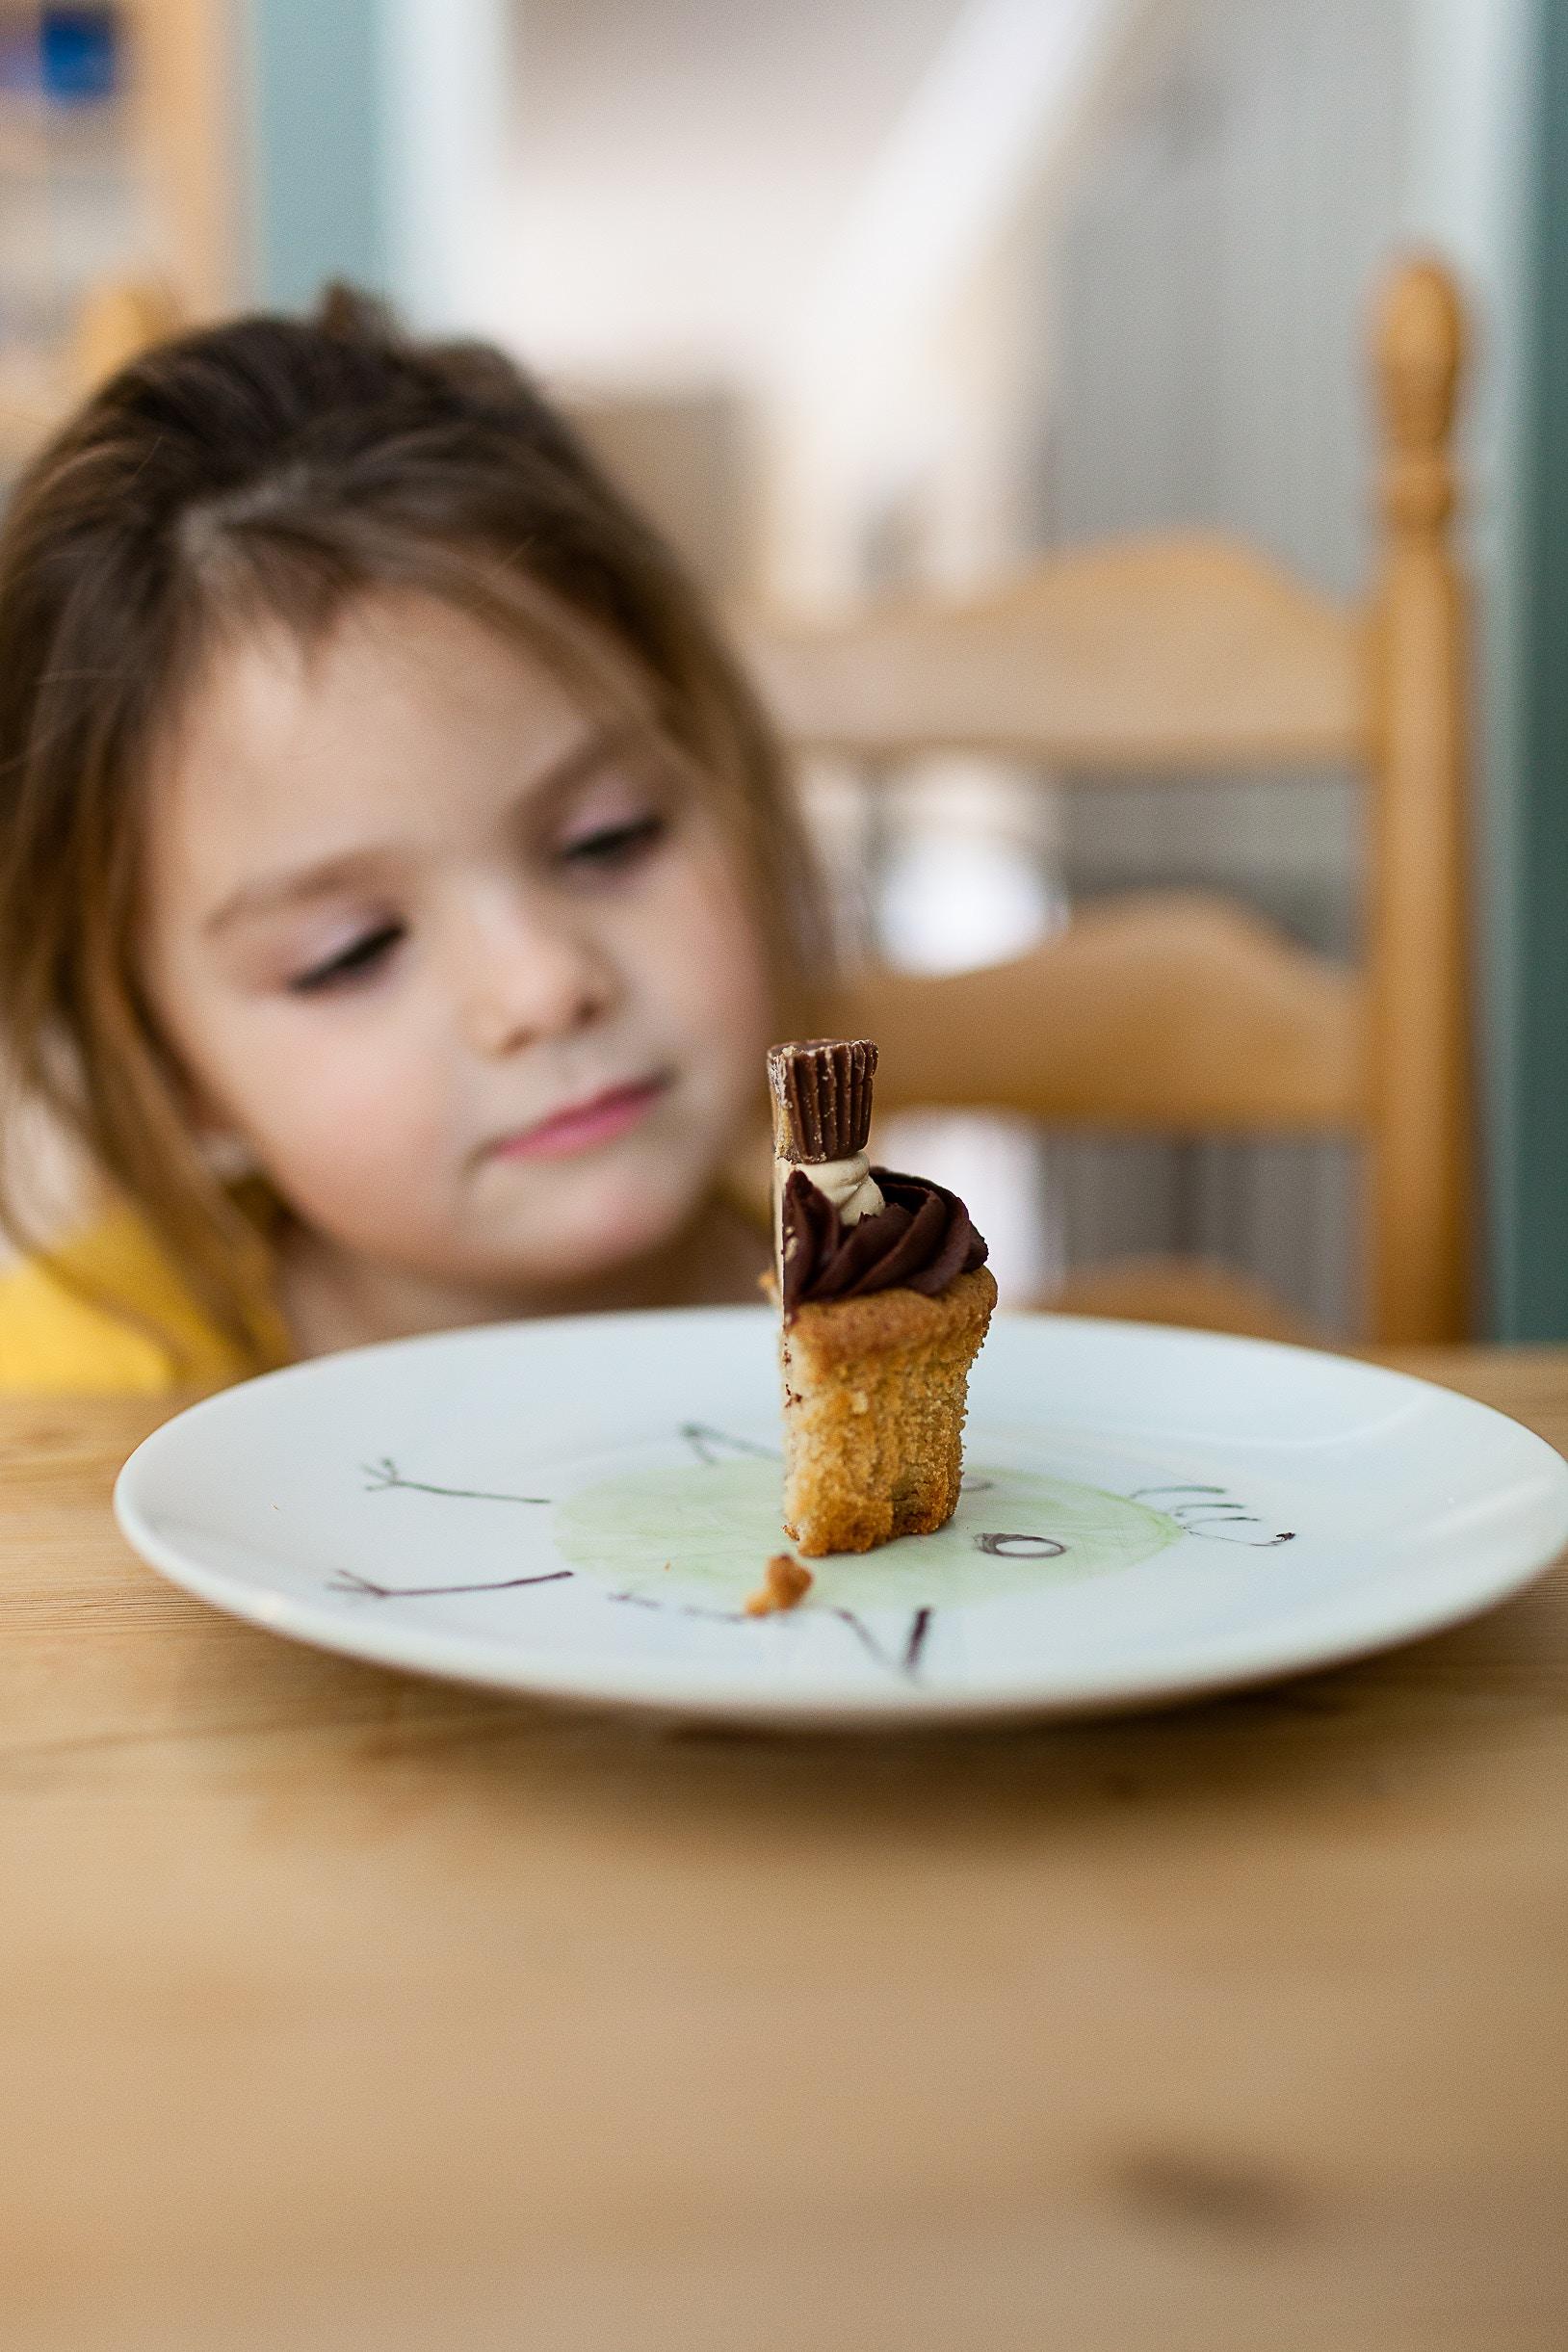 als je kind niet wil eten